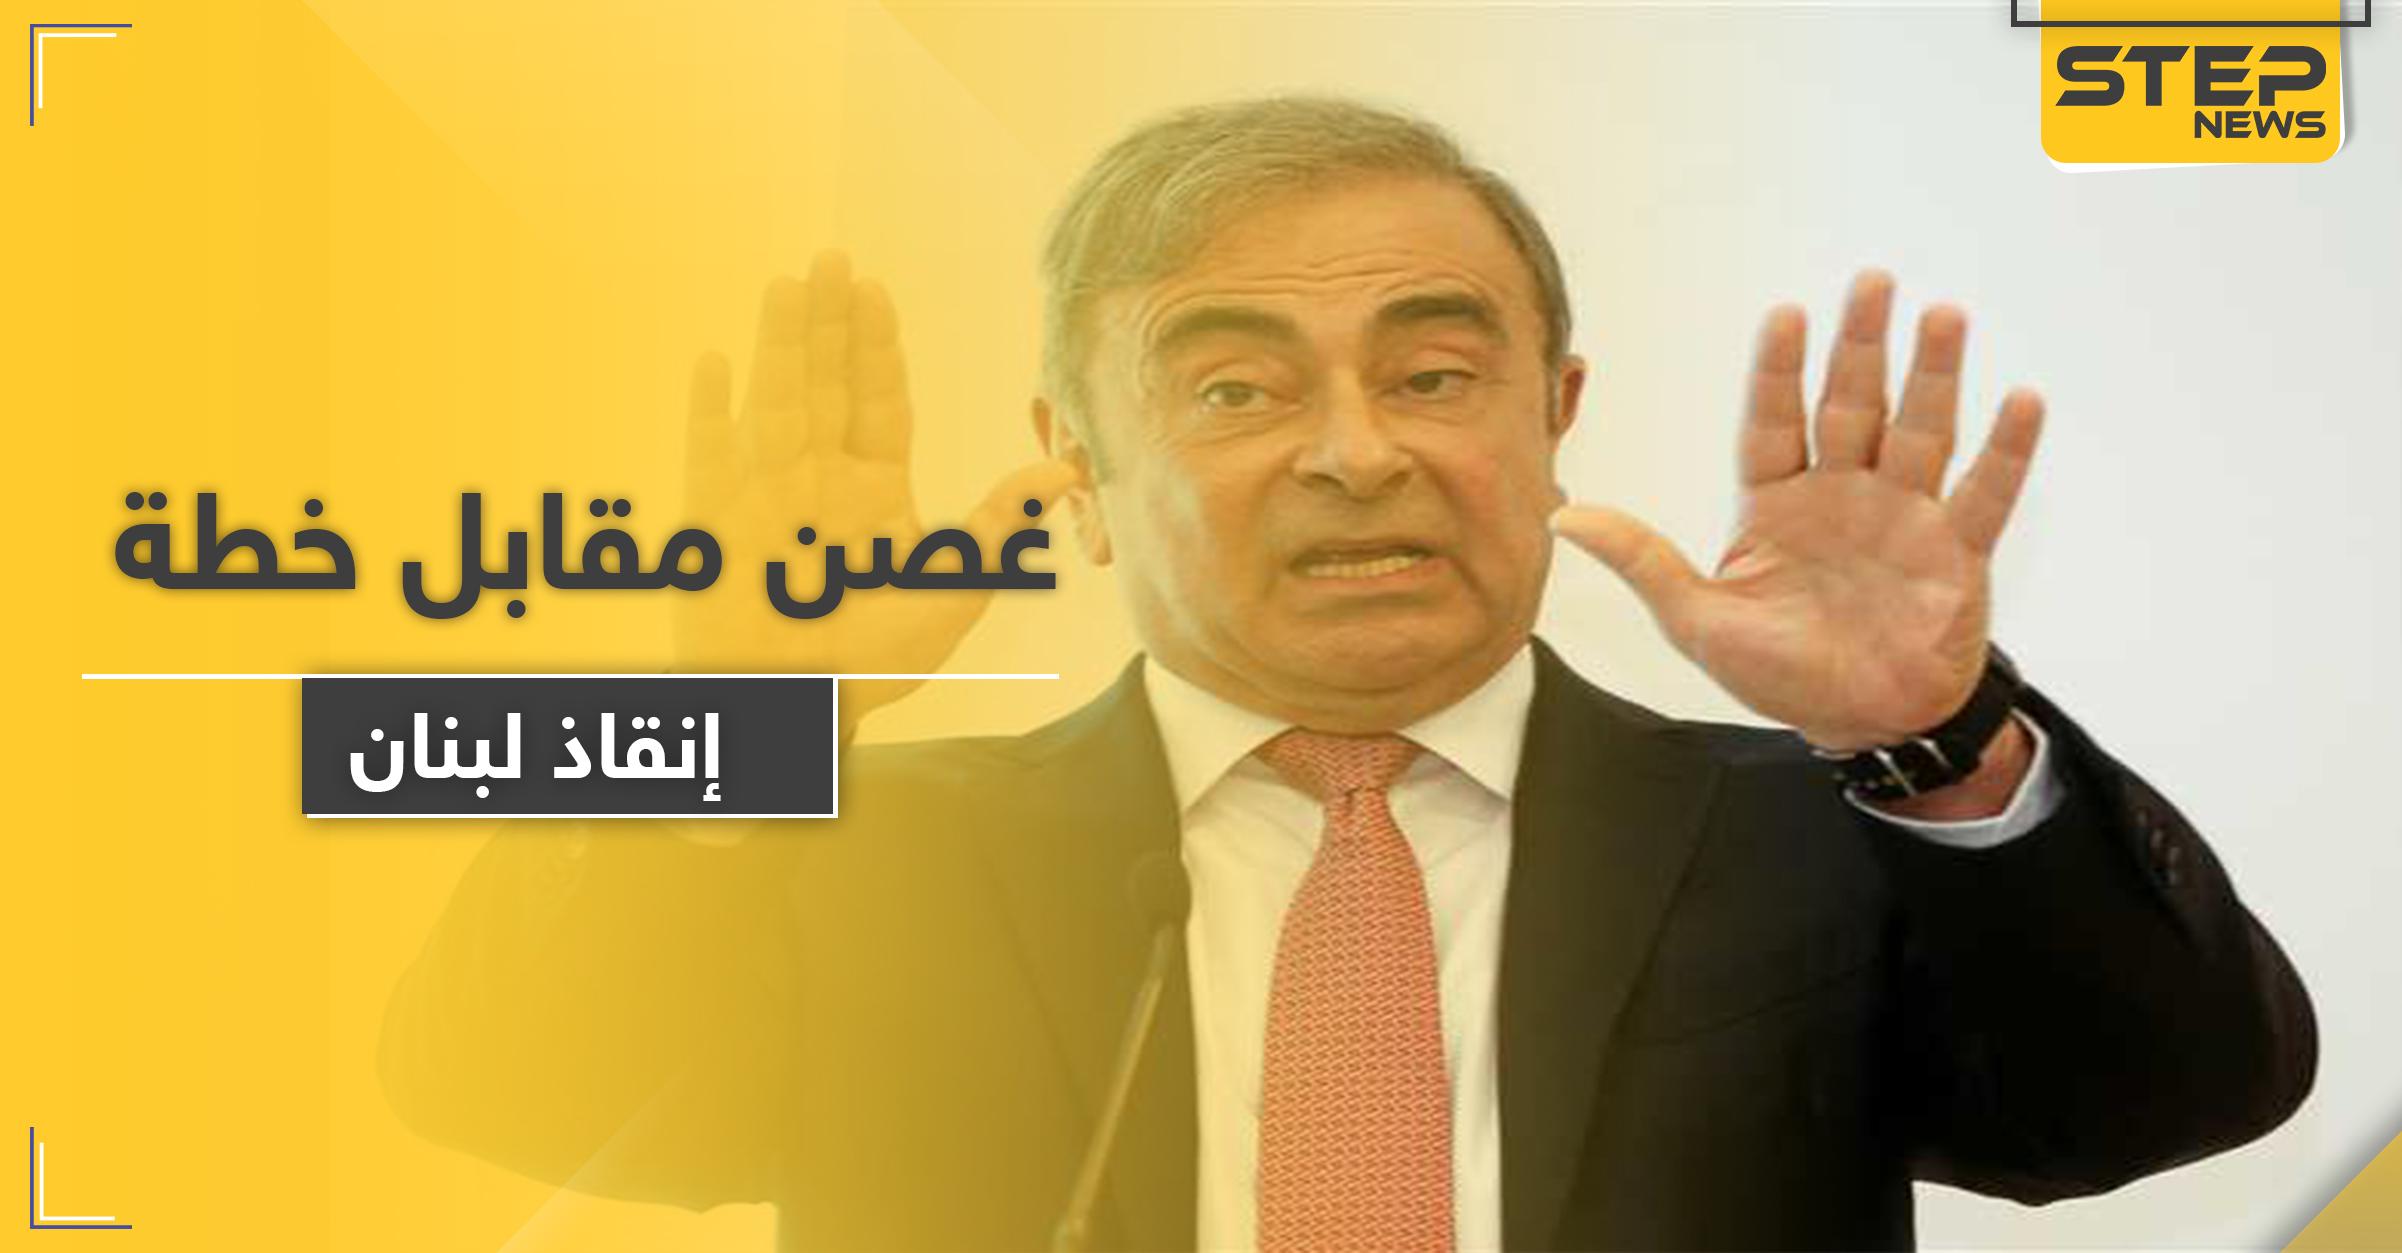 """هل يُسلم لبنان كارلوس غصن مقابل خطة """"النقد الدولي"""" للإنقاذ"""